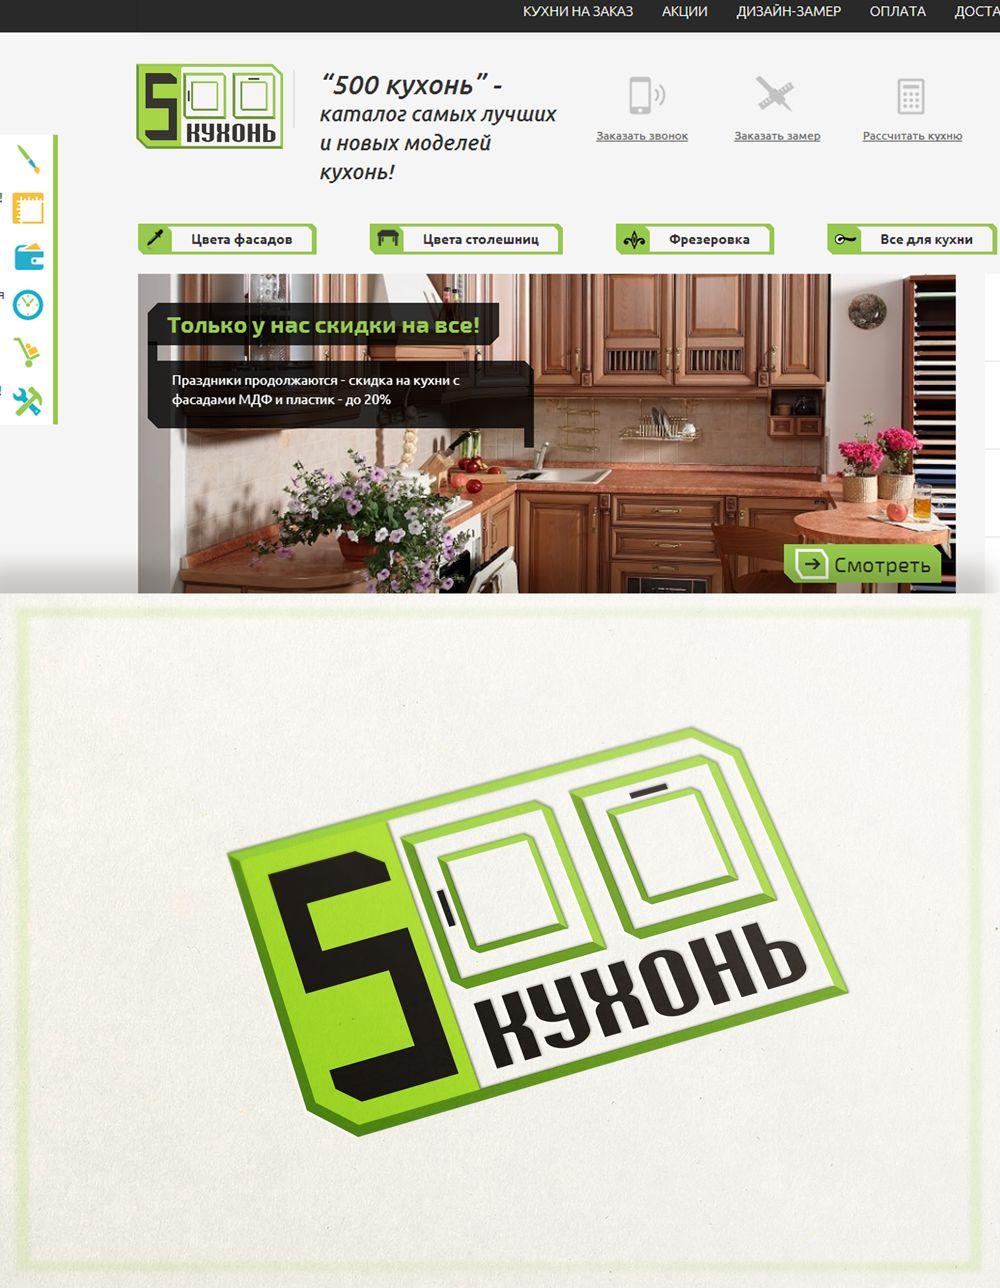 Логотип для интернет каталога кухонь - дизайнер LLight